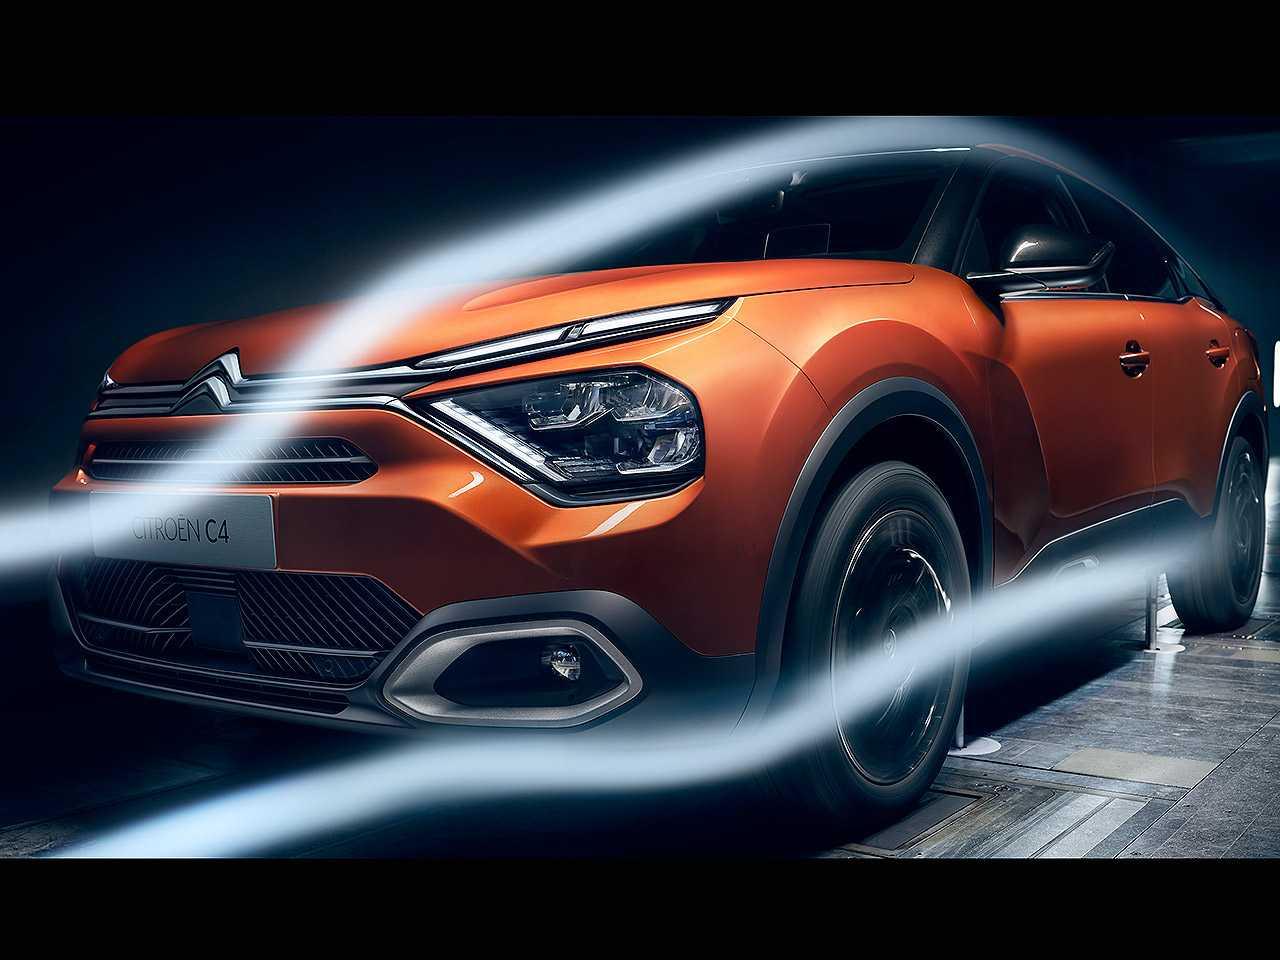 Acima a nova geração do Citroën C4 europeu